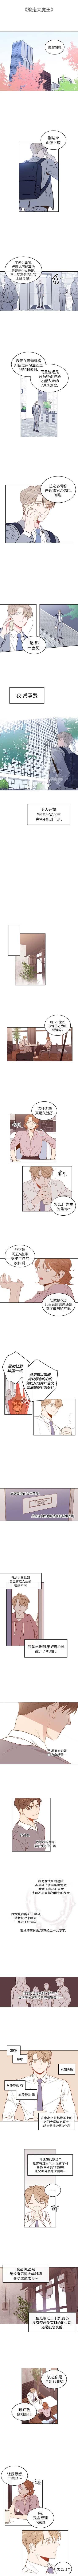 《撩走大魔王》漫画上线,英俊严厉帅气上司×研究生毕业实习生,母胎单身受的爱情